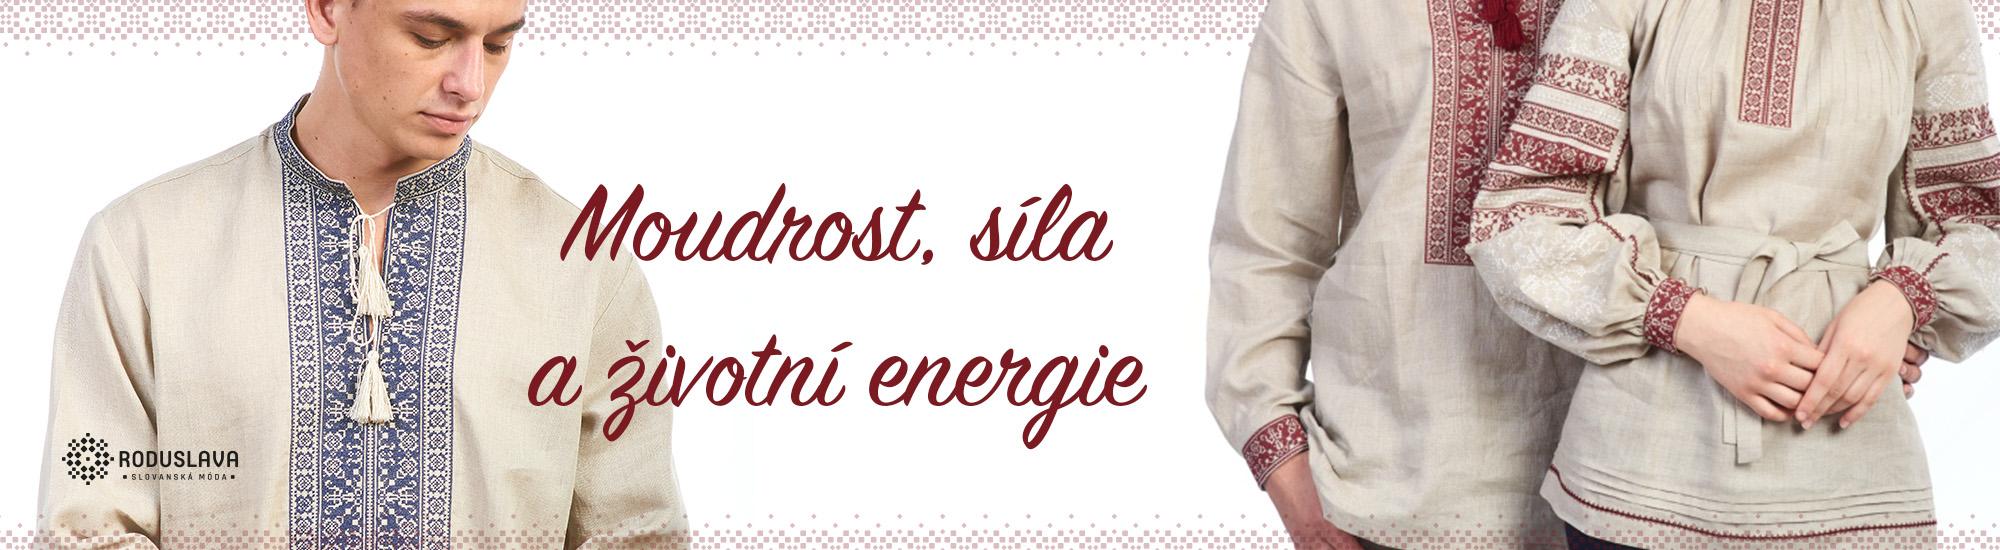 Moudrost, síla a životní energie